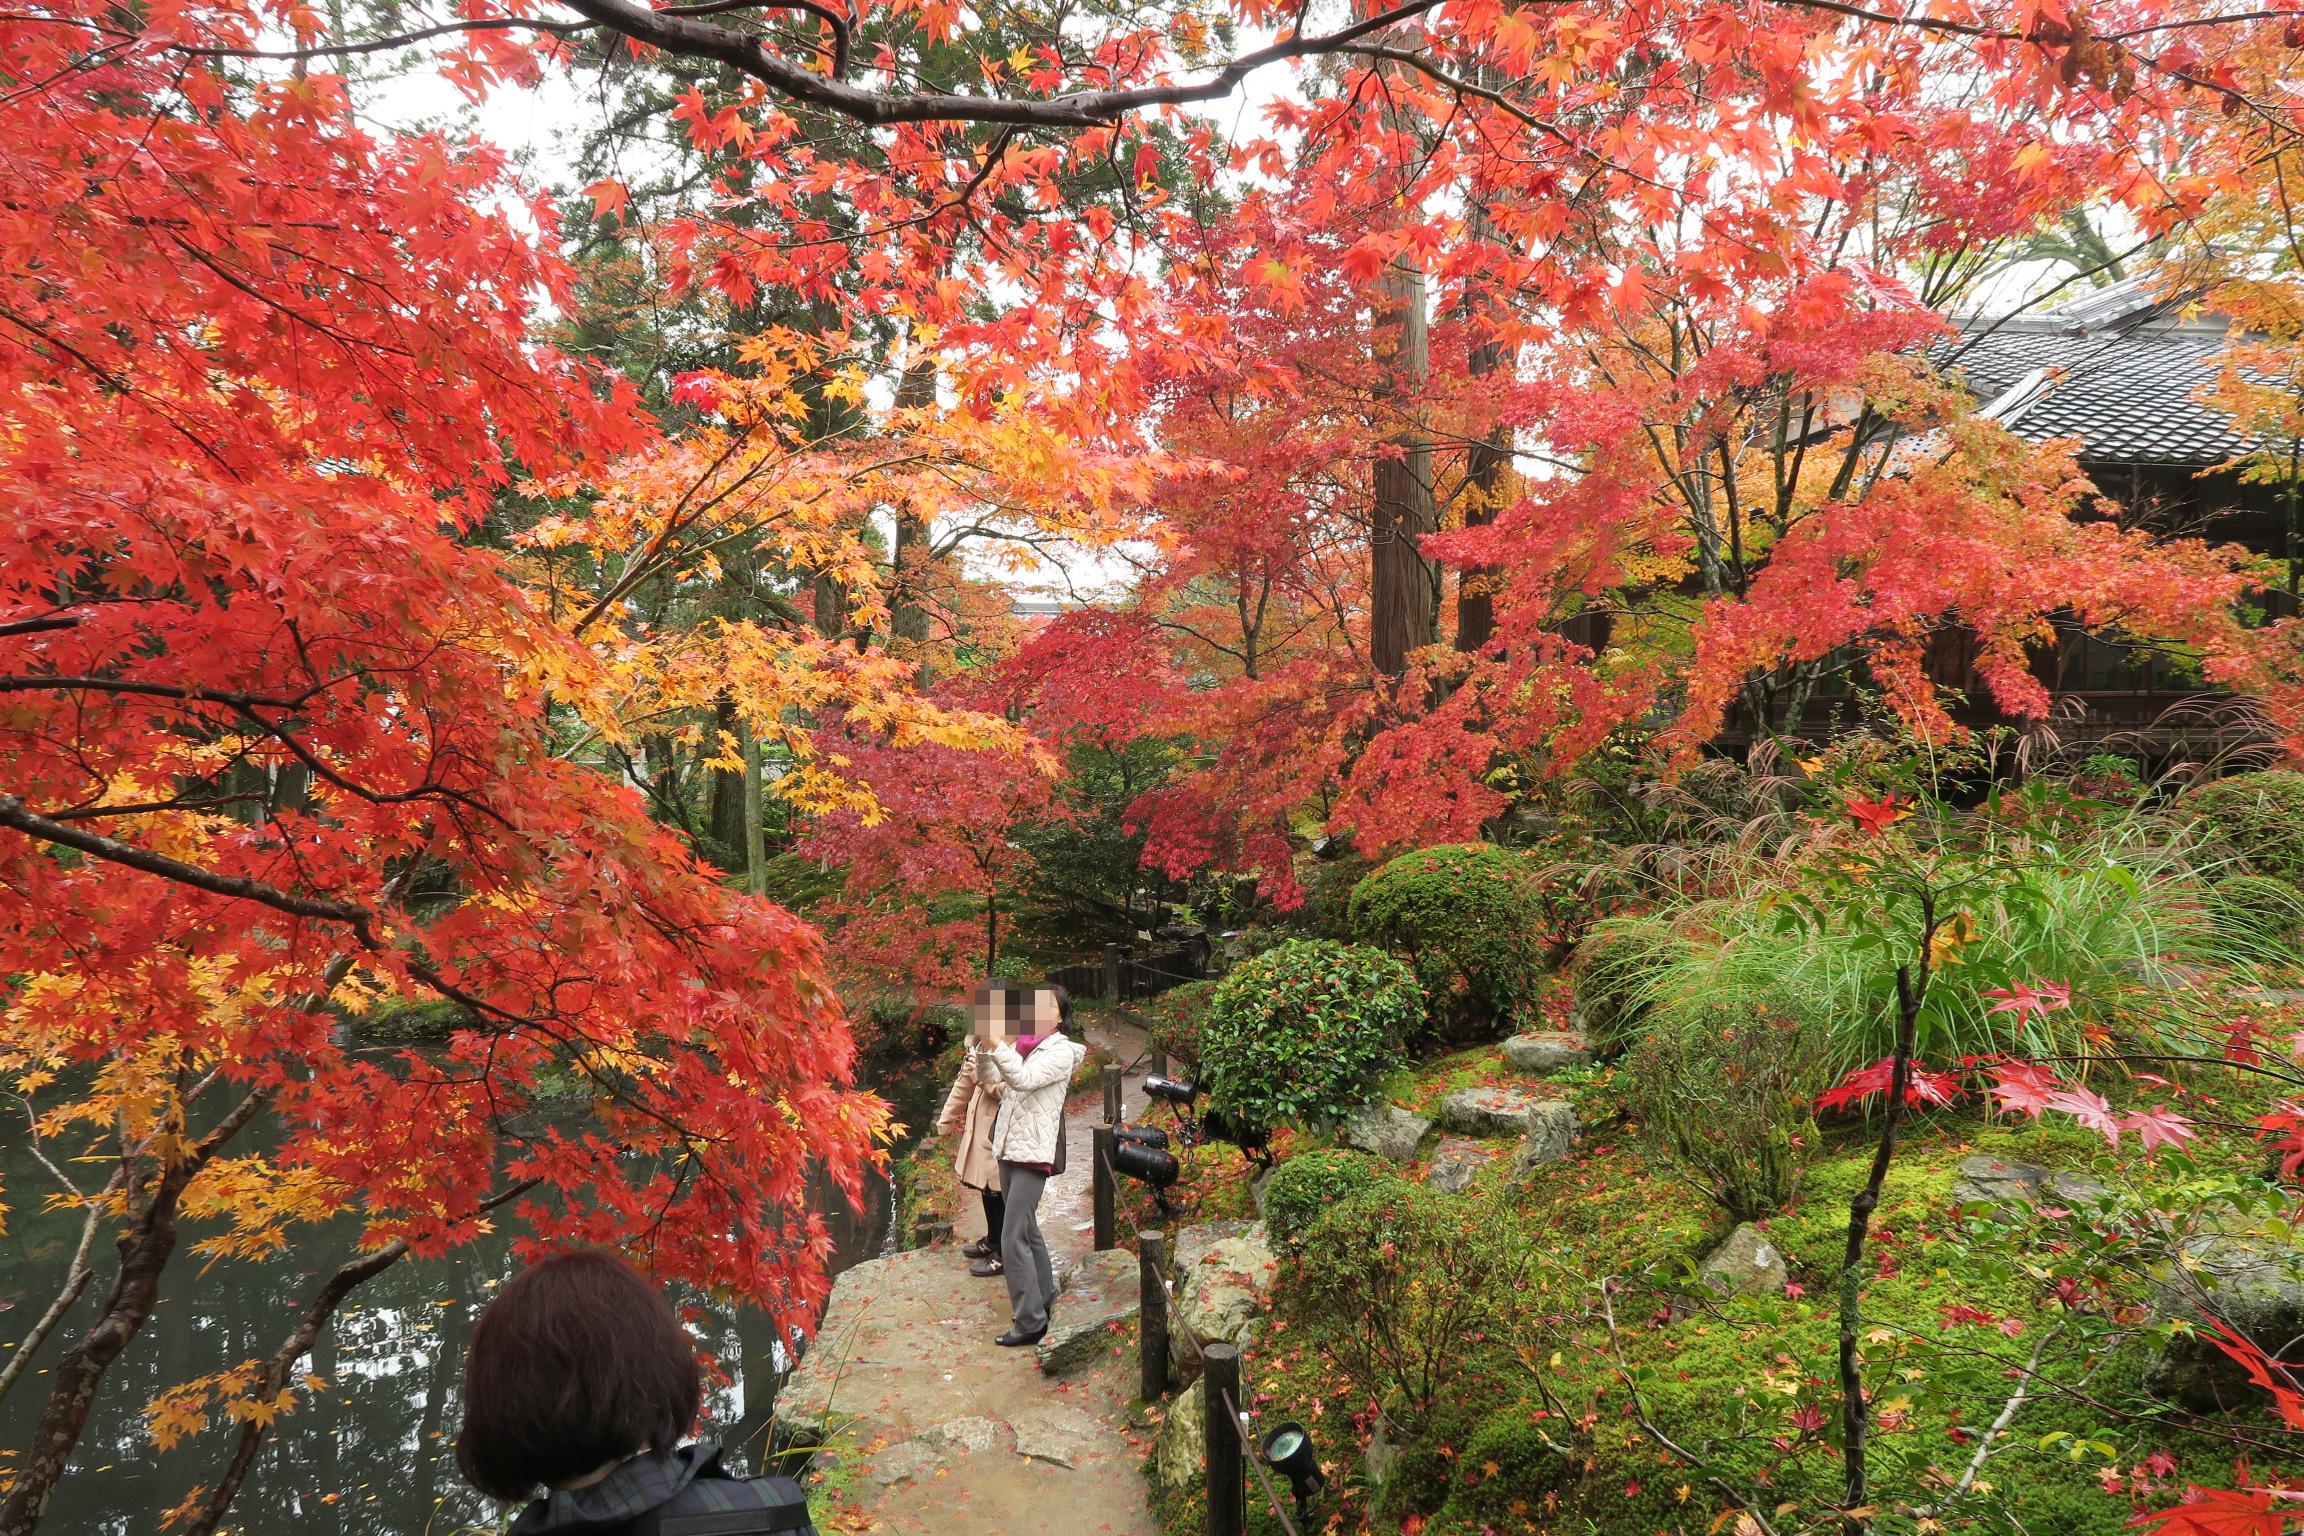 南庭も素晴らしい紅葉でした!